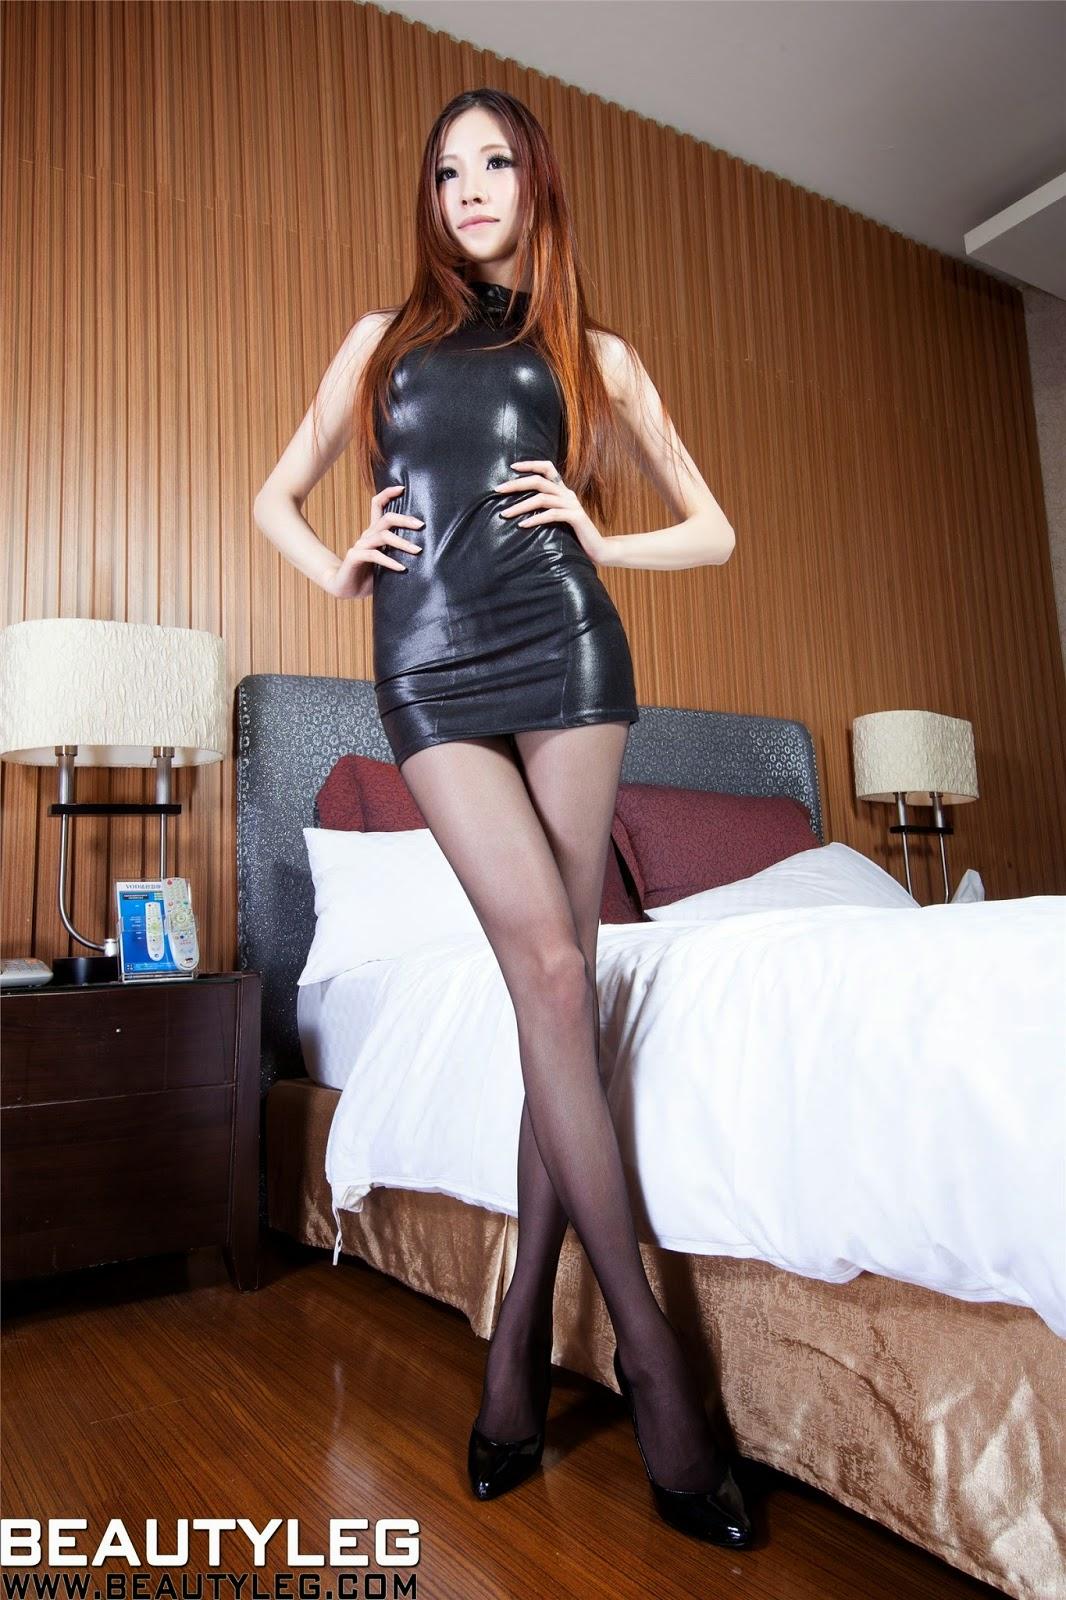 abby beautyleg model iv